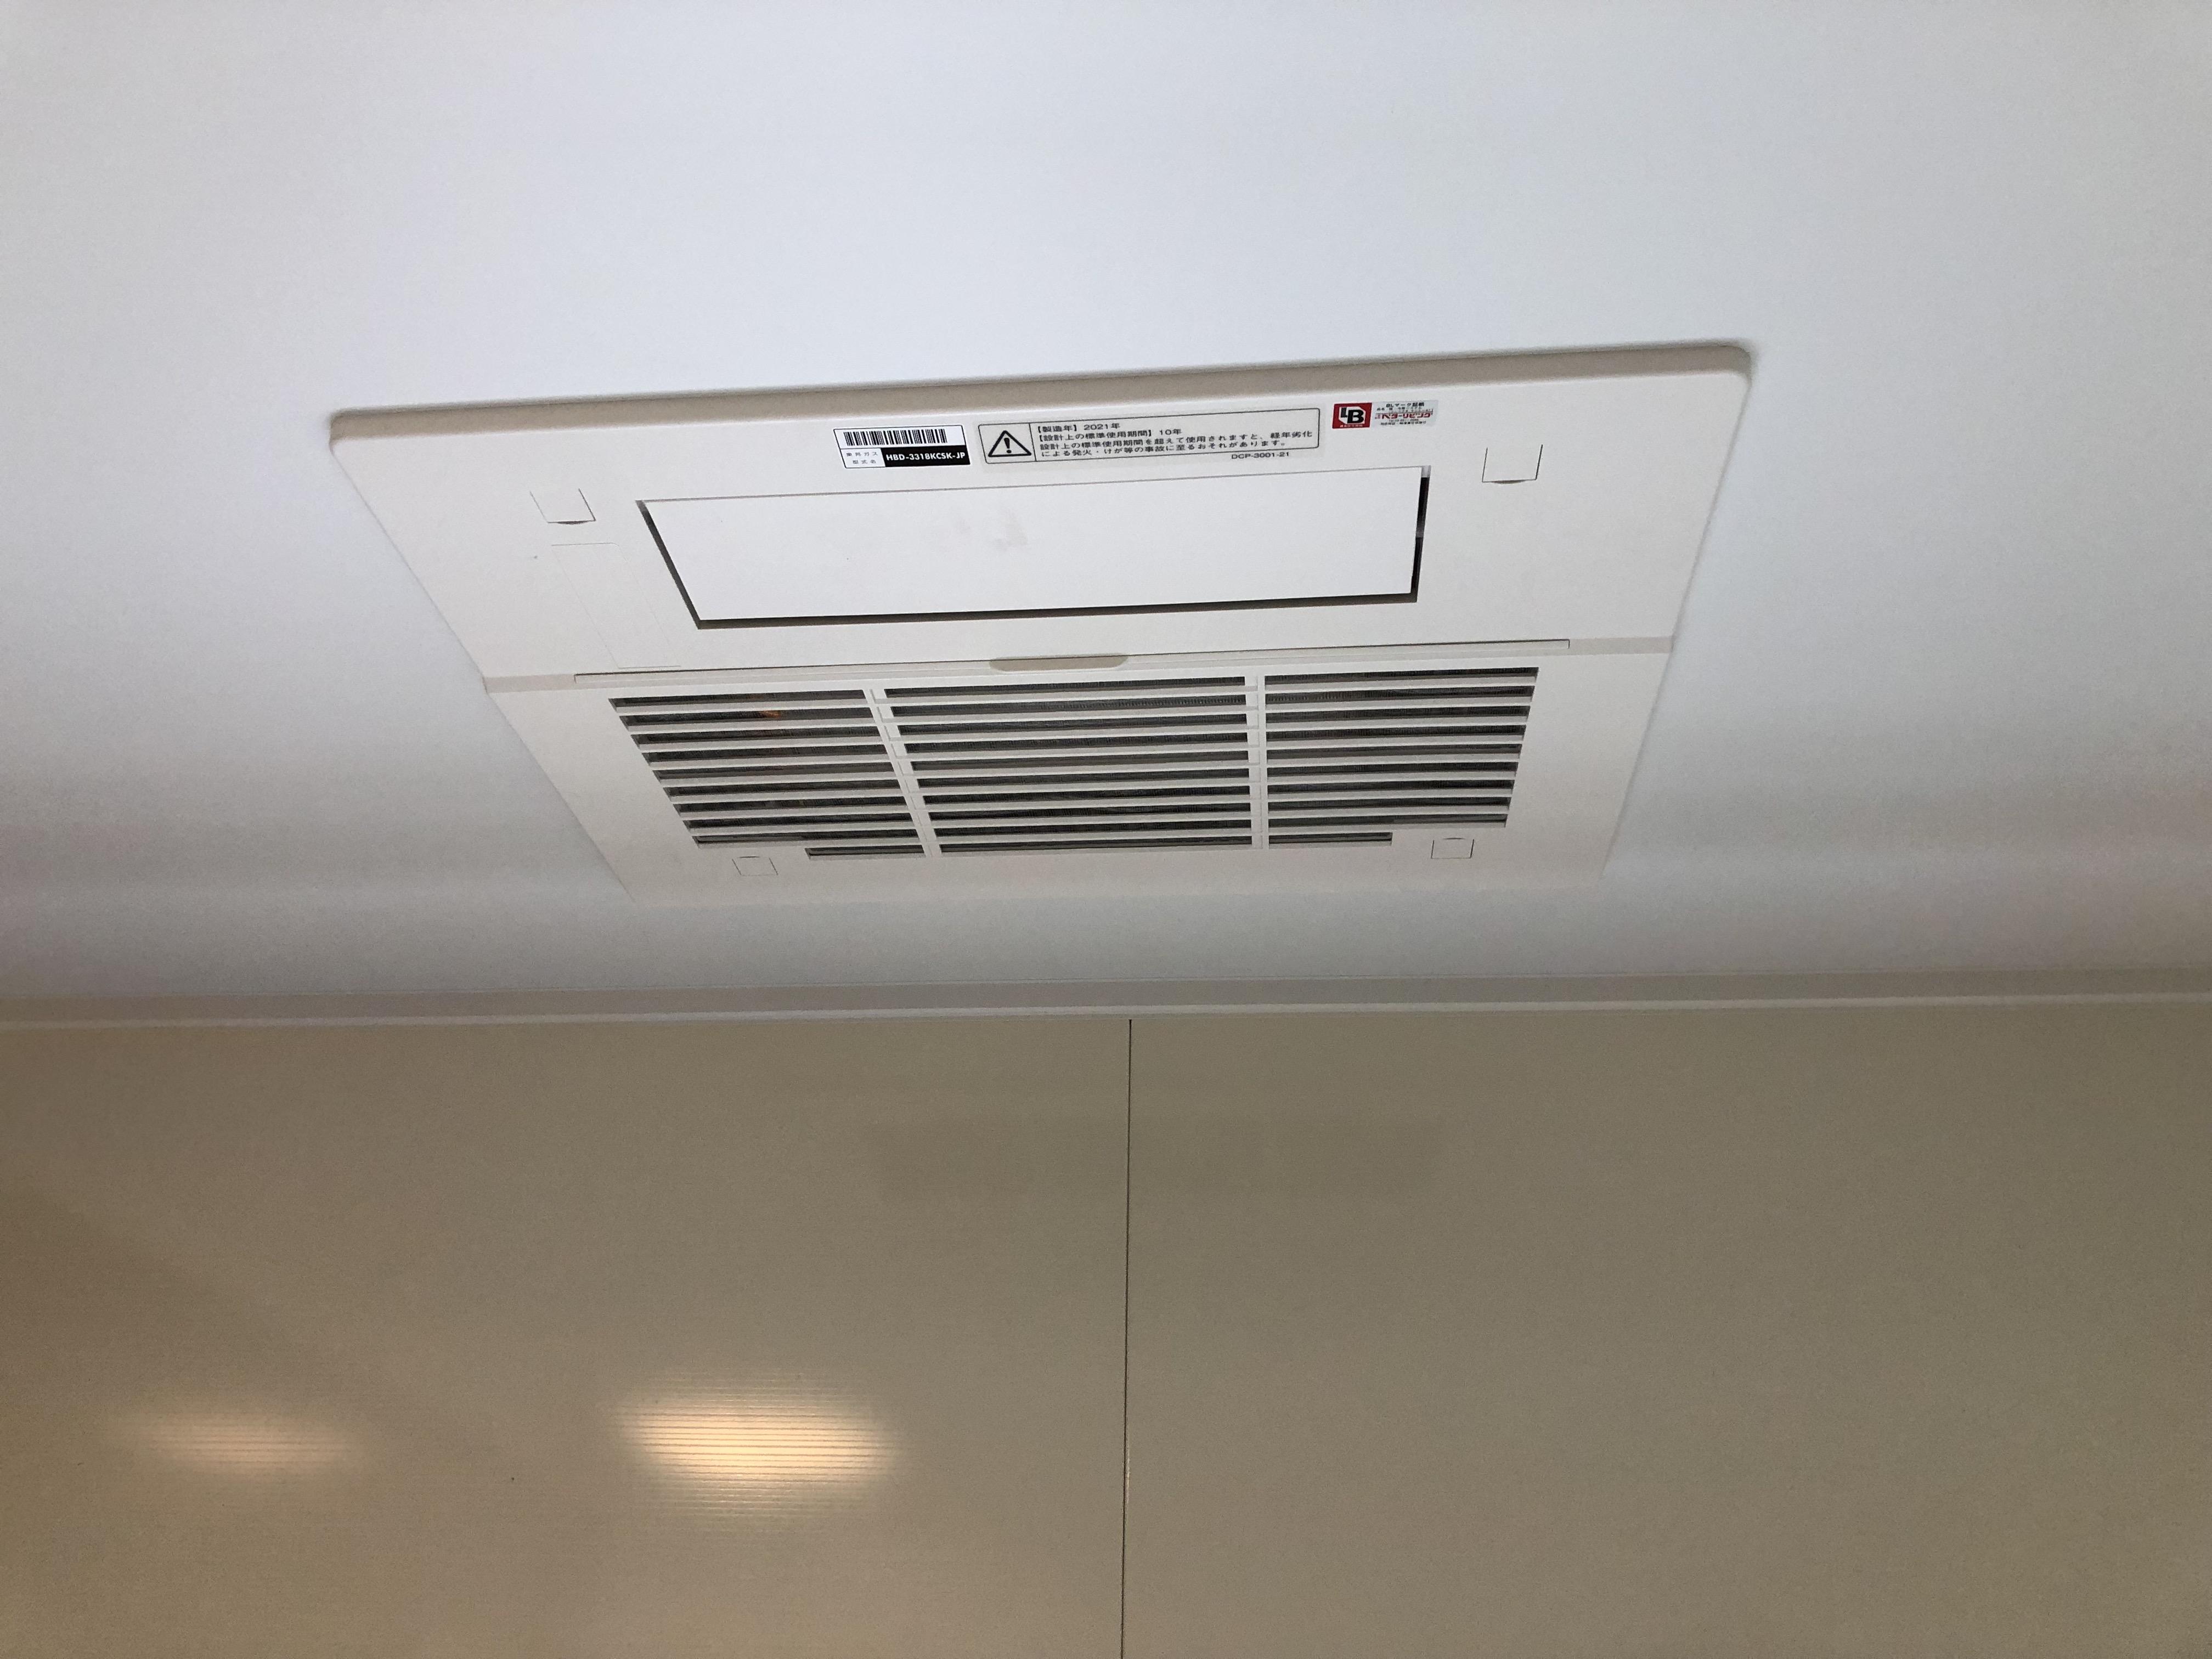 ガス温水式浴室暖房